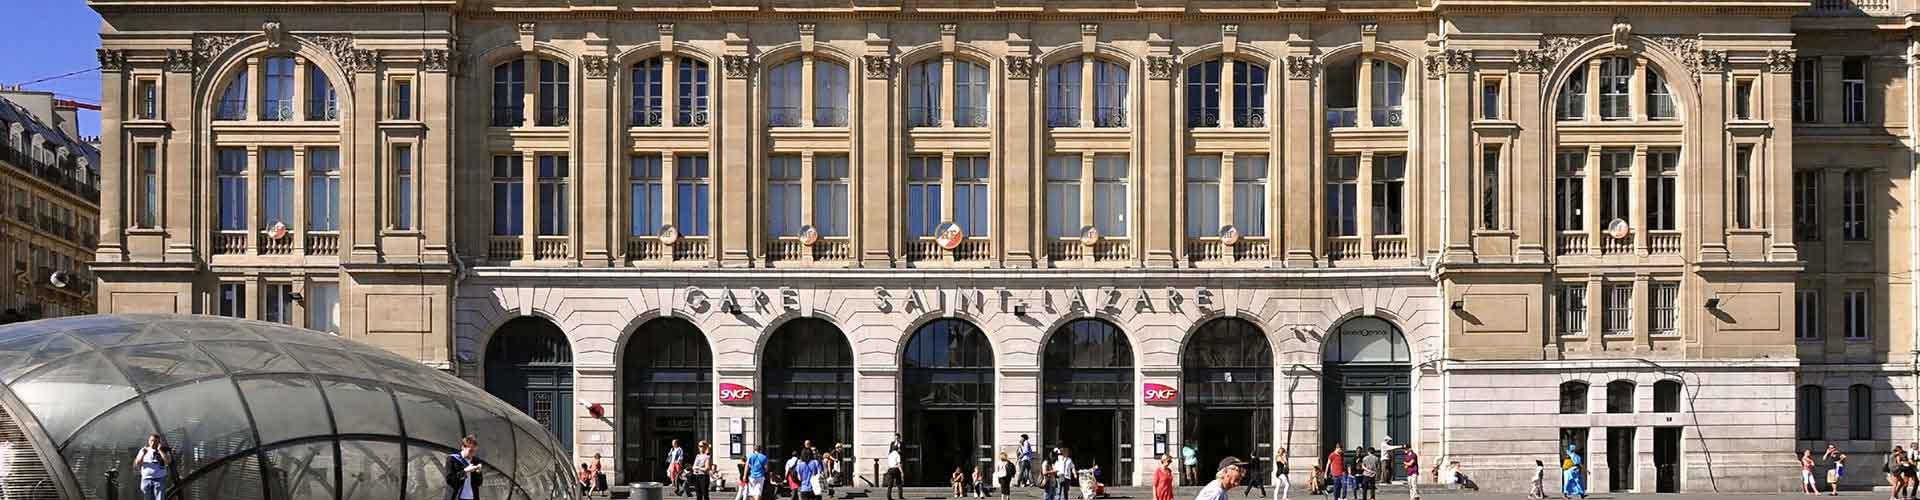 Paříž - Hostelů v blízkosti Gare Saint-Lazare. Mapy pro Paříž, fotky a recenze pro každý hostel v Paříž.